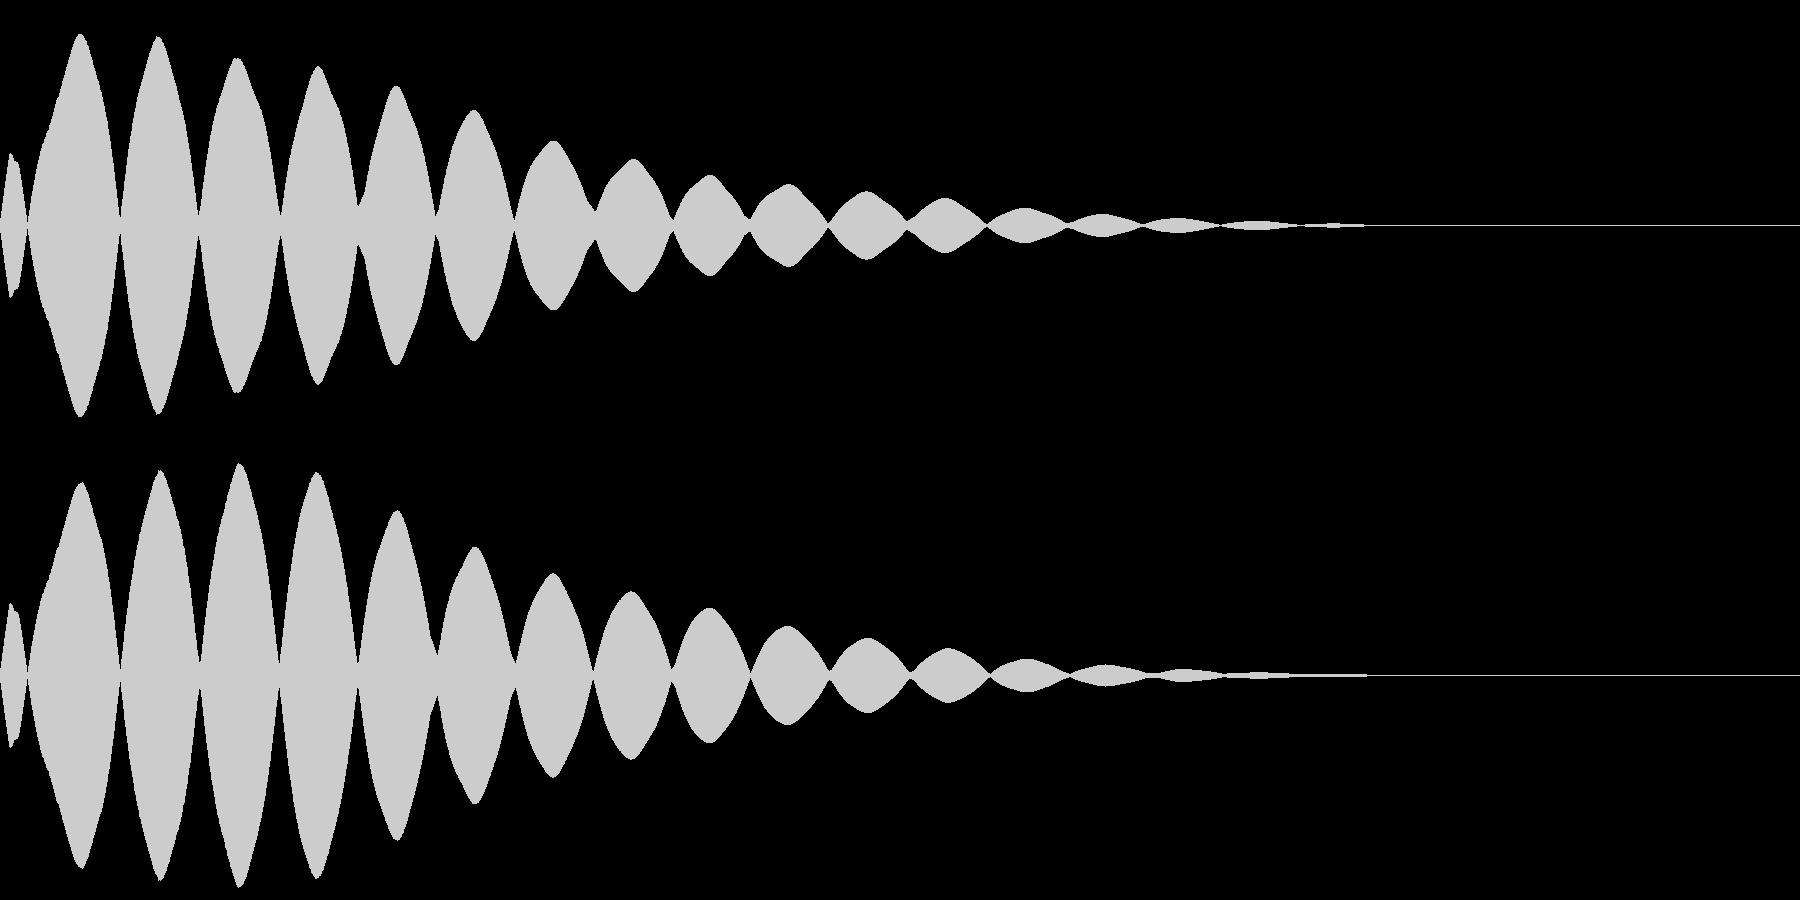 【キラーン】(光るエフェクト)の未再生の波形